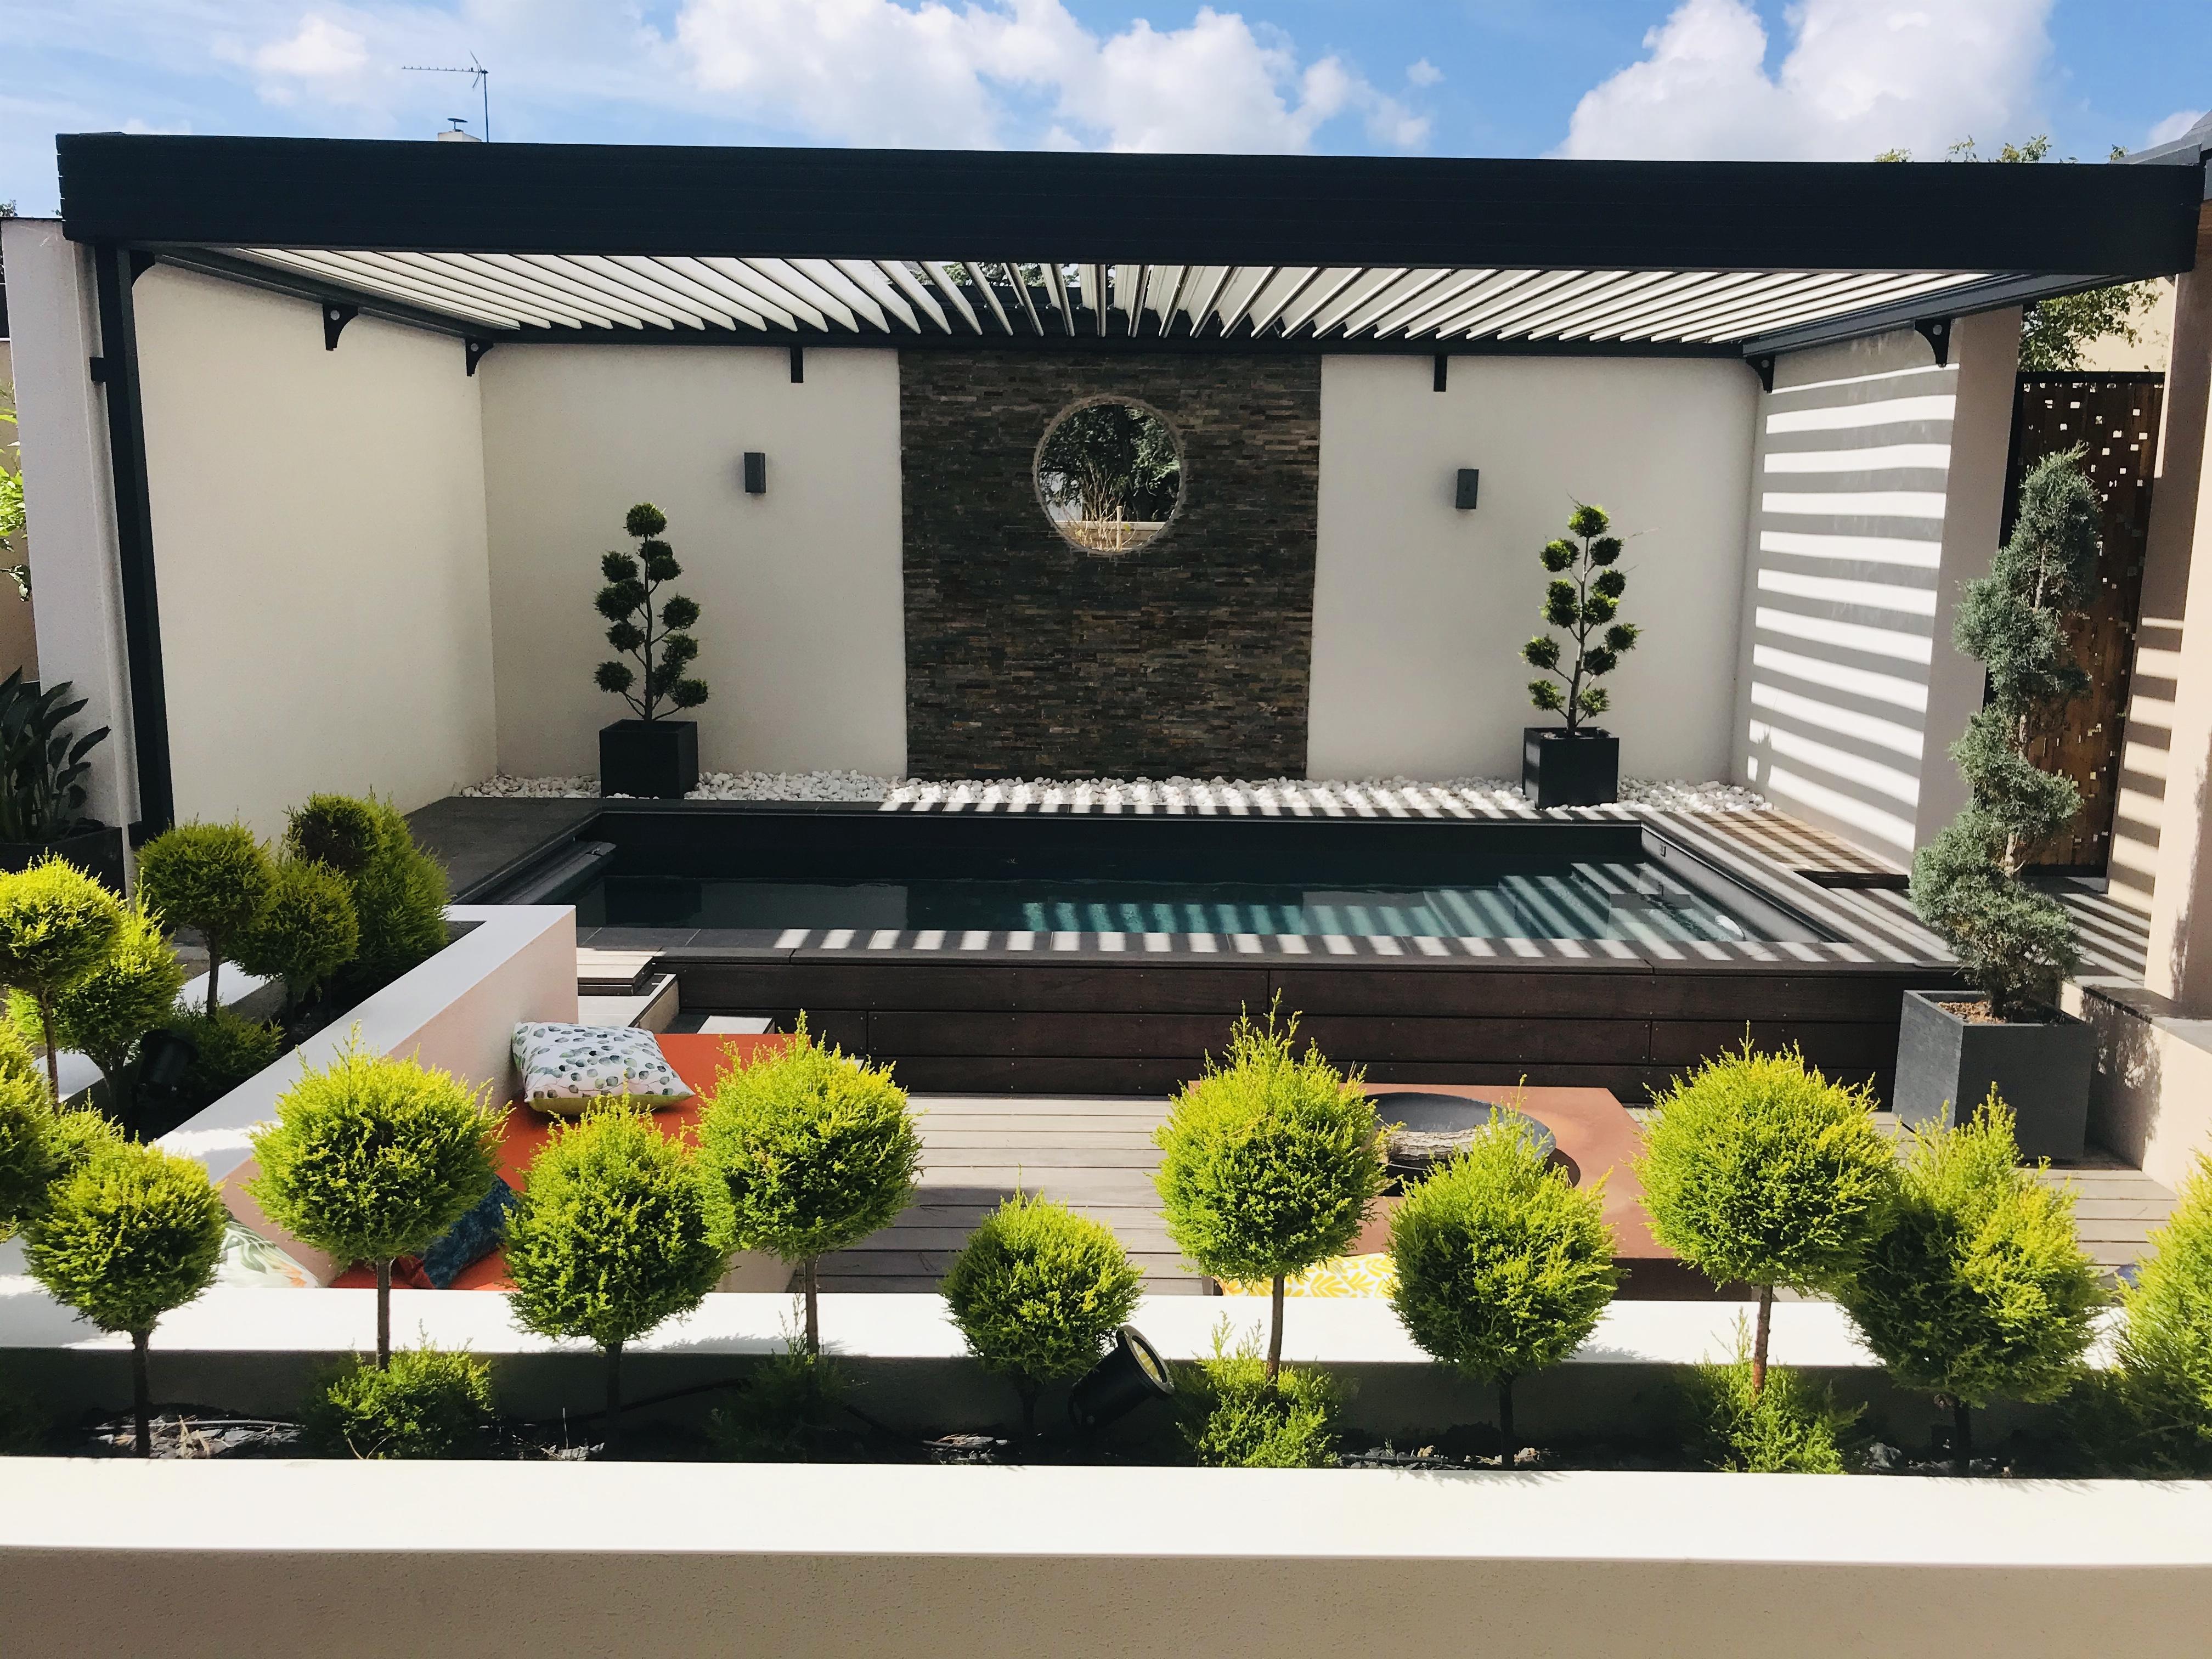 Anandita terrasse pergola